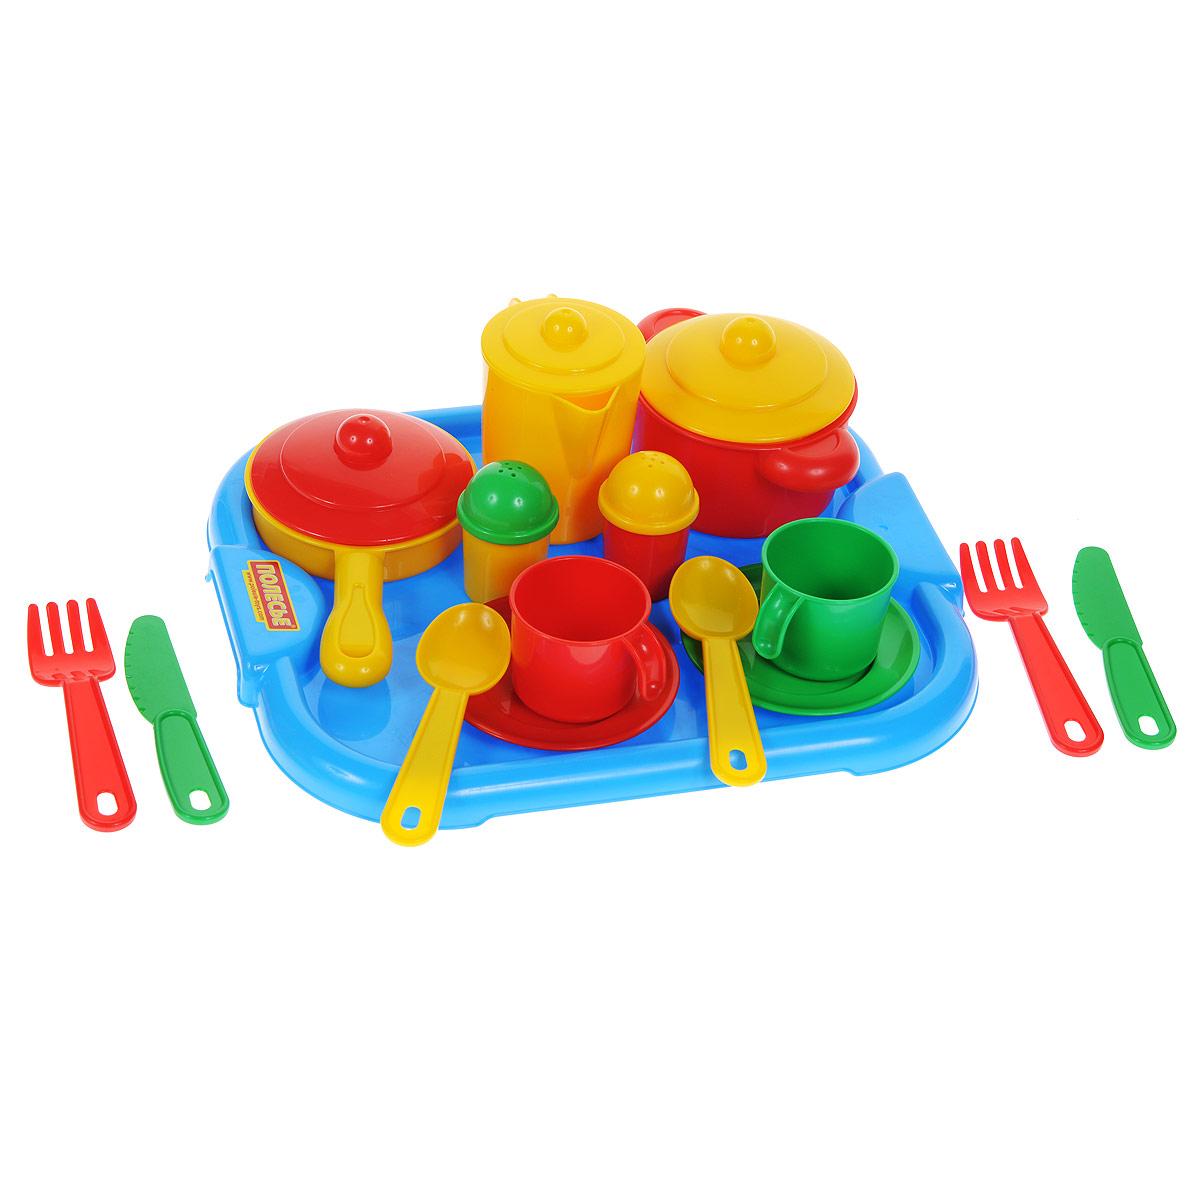 """Набор детской посуды Полесье """"Настенька"""", цвет: голубой, красный, желтый, зеленый, 19 предметов 3940"""